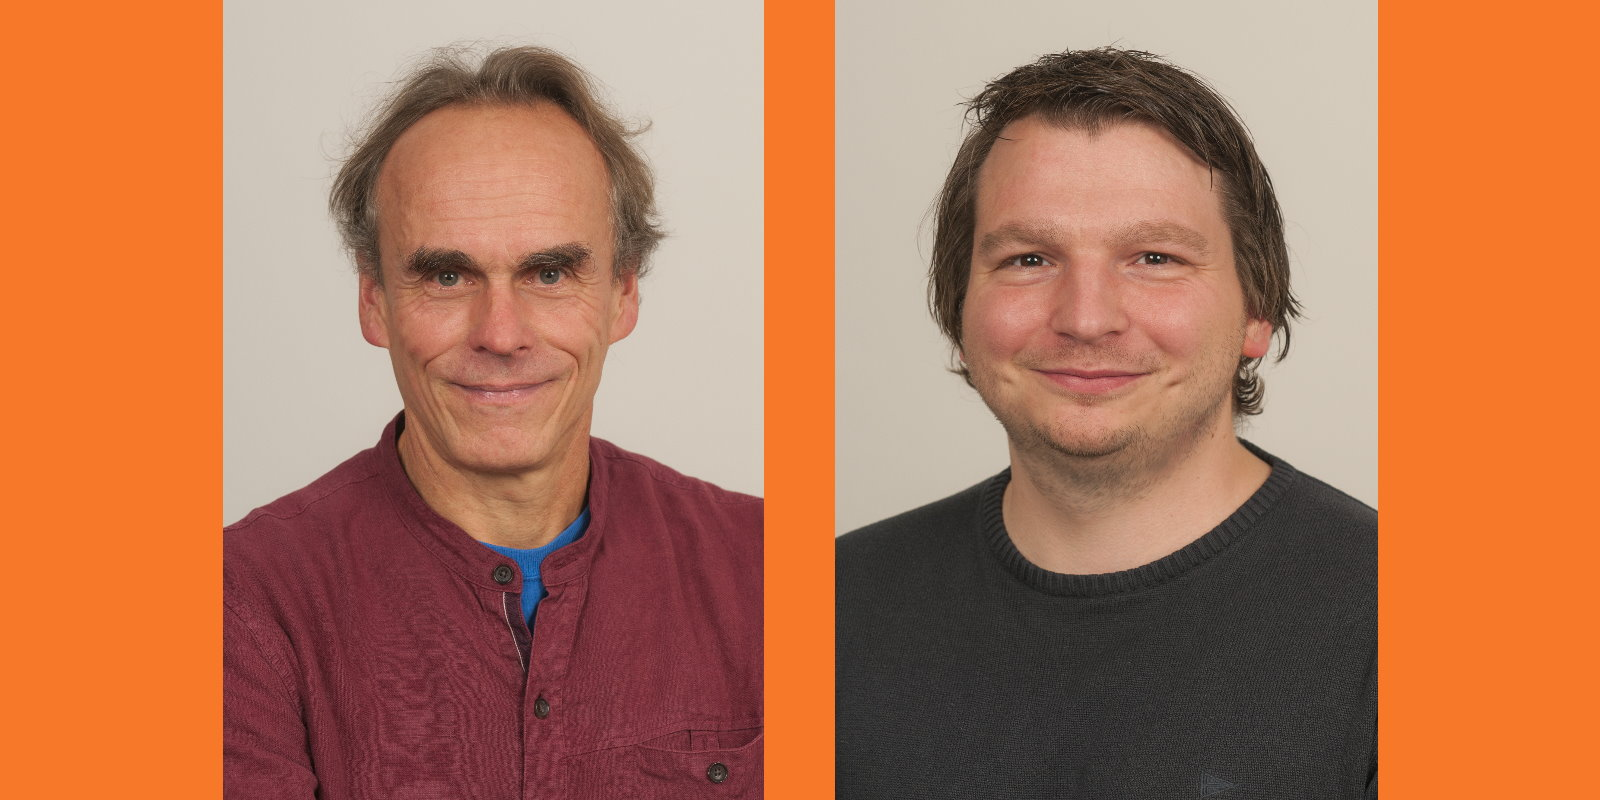 Harald Klimenta und Robert für die ÖDP Regensburg